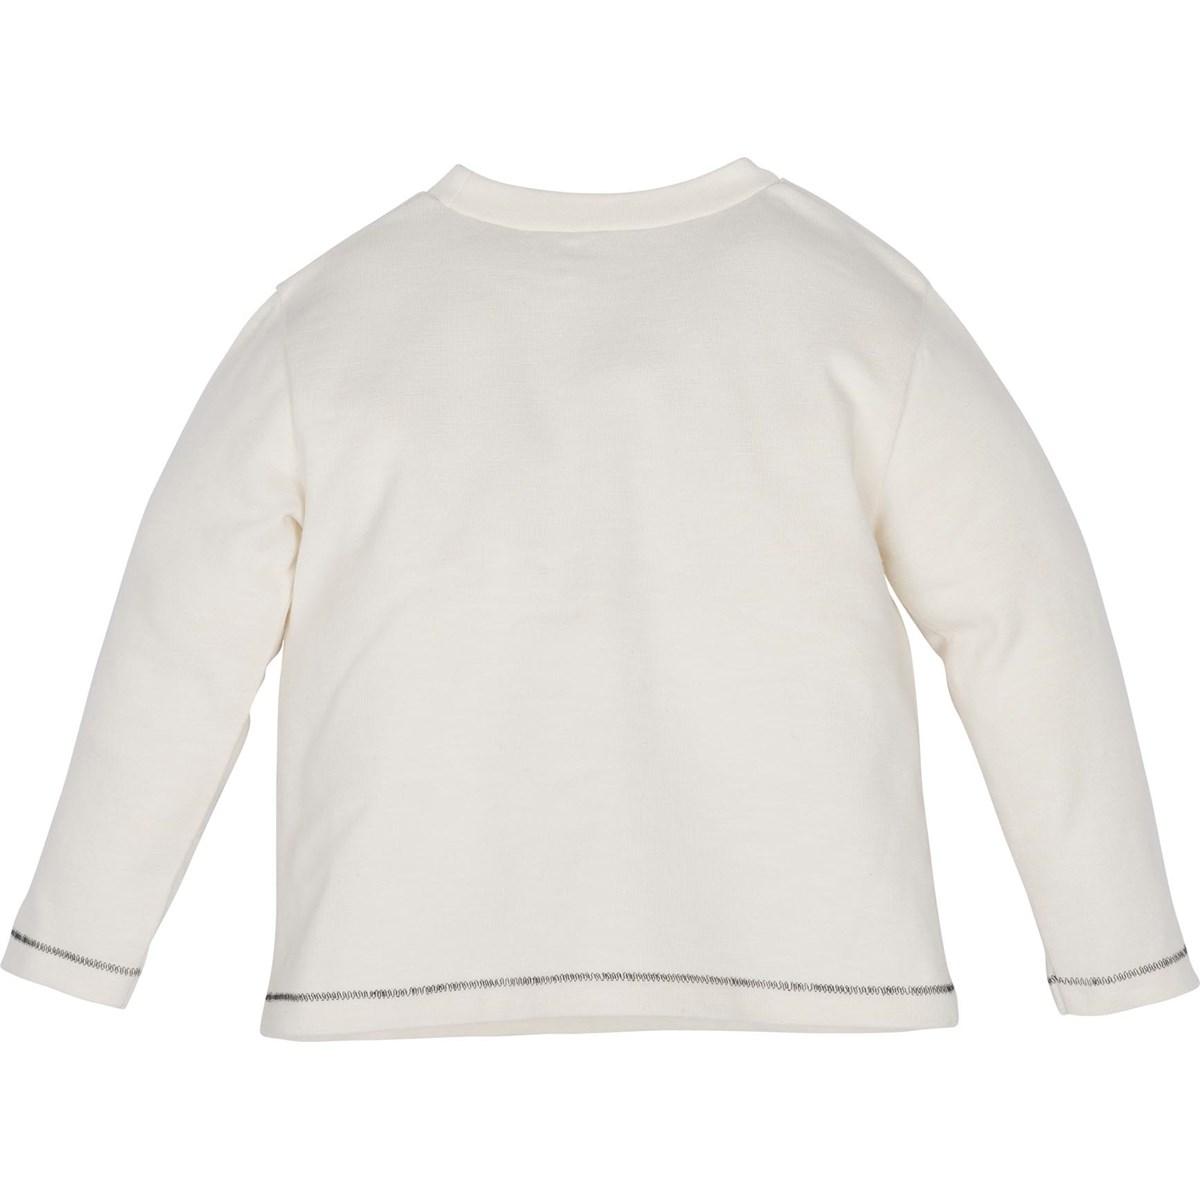 12651 Sweatshirt 2